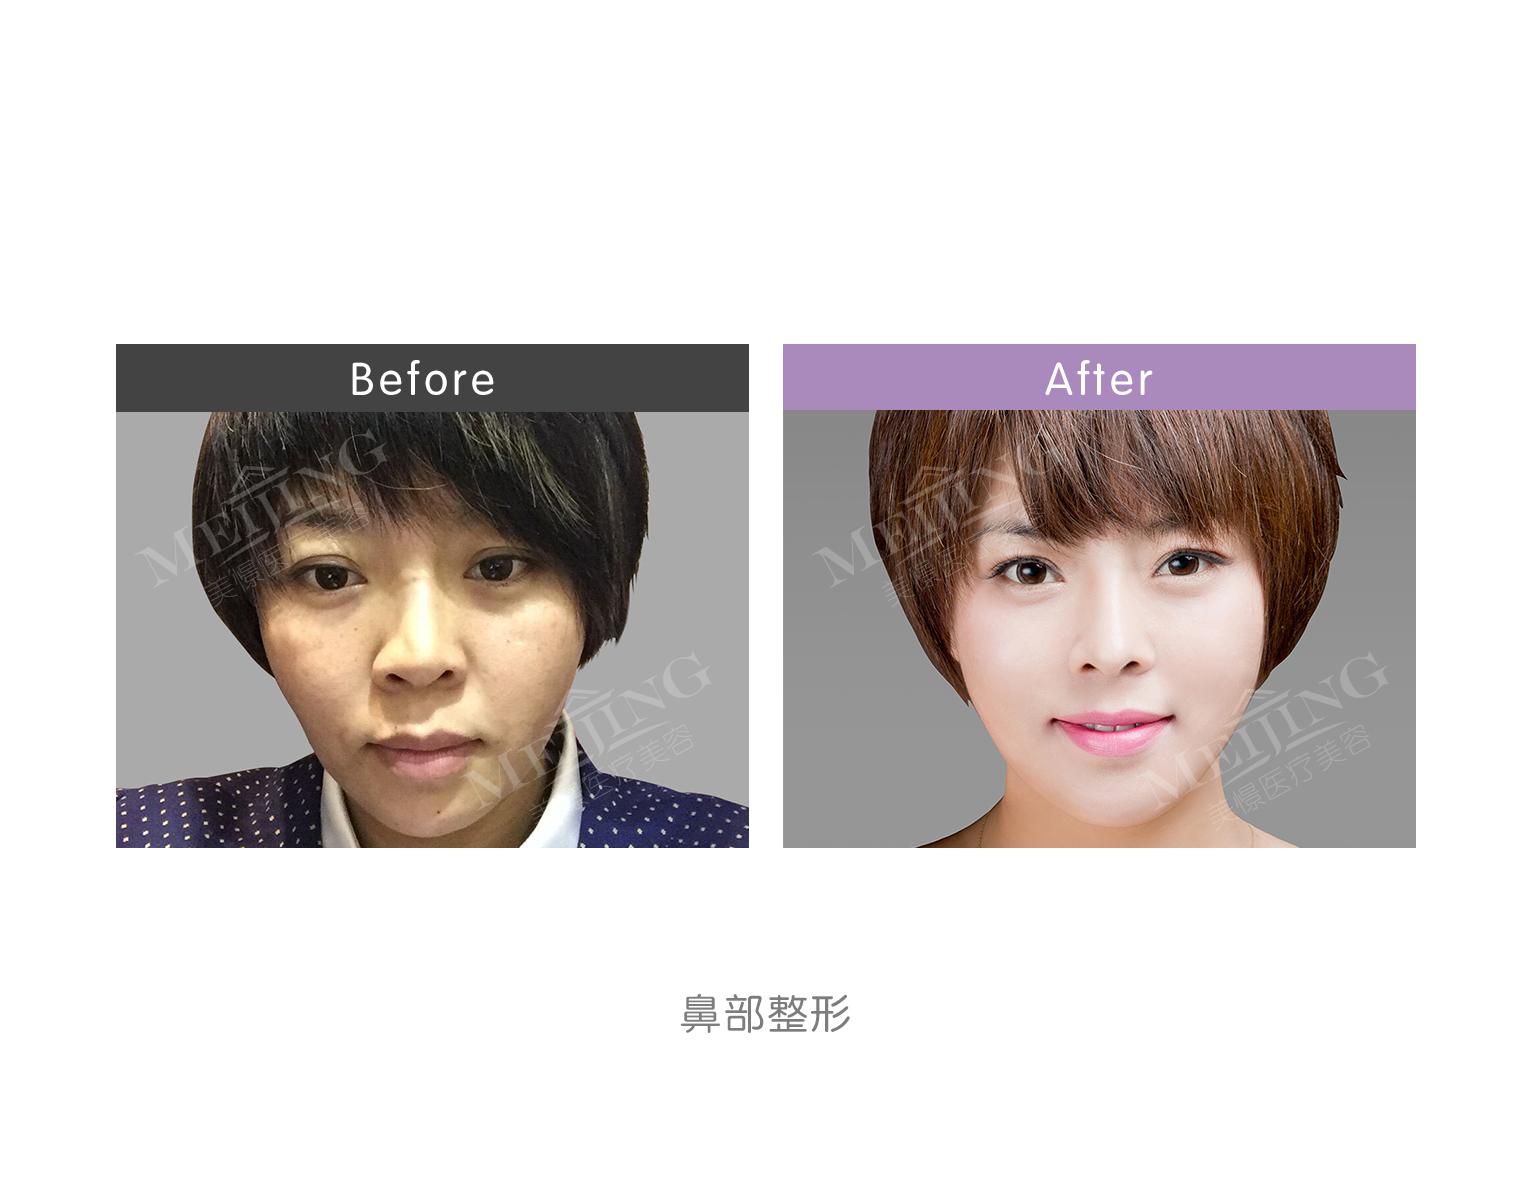 北京美憬医疗美容外聘韩方院长-李炳浍教授